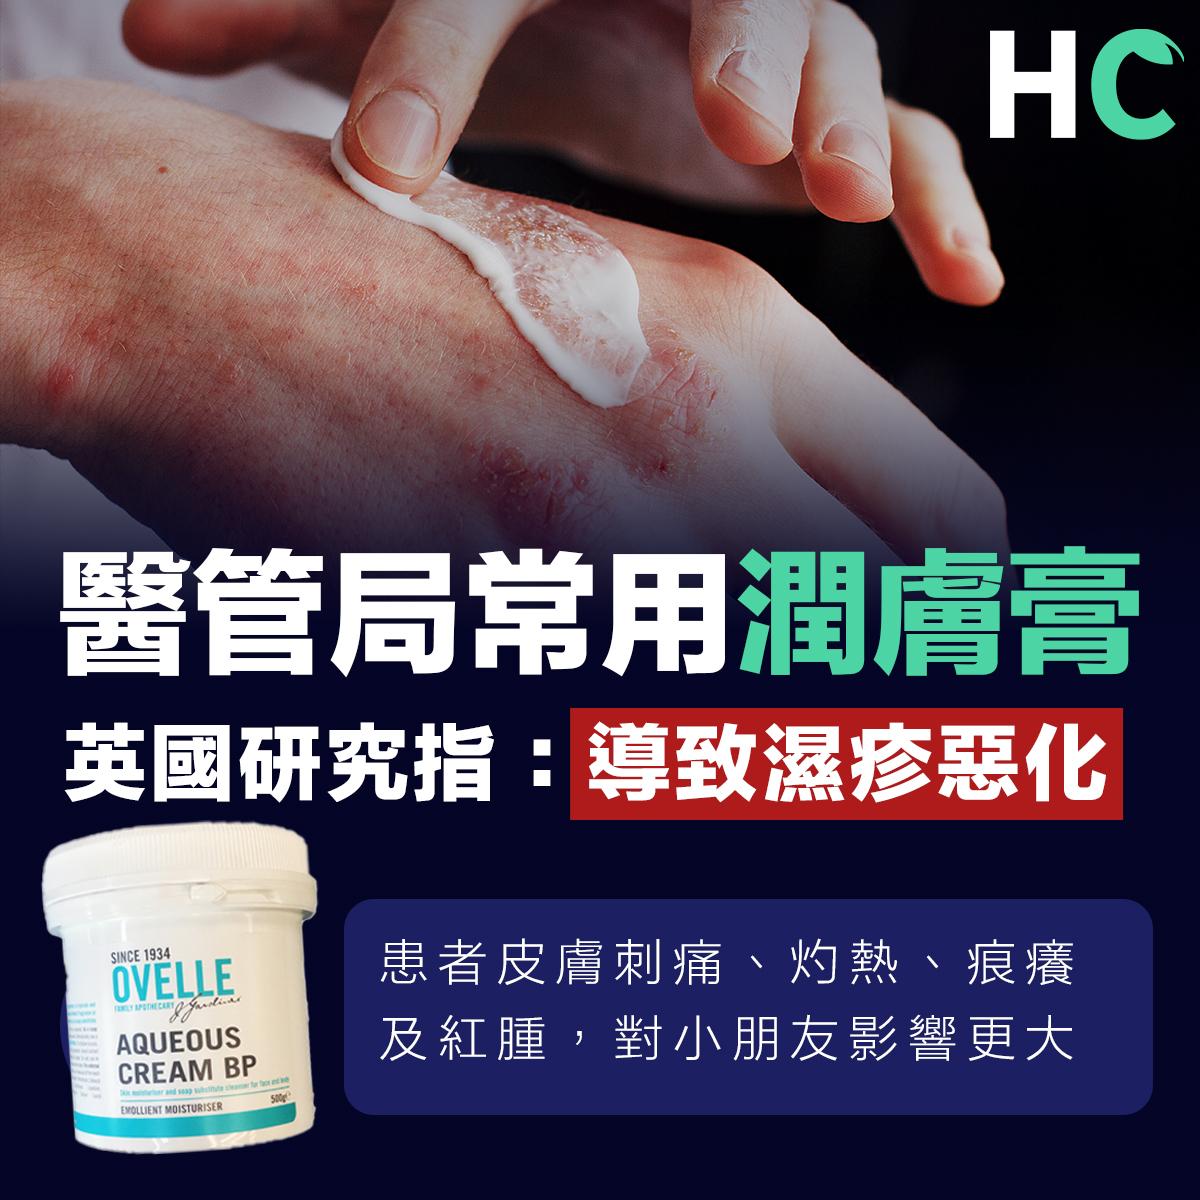 醫管局常用潤膚膏 或使濕疹惡化 英國多年前禁用